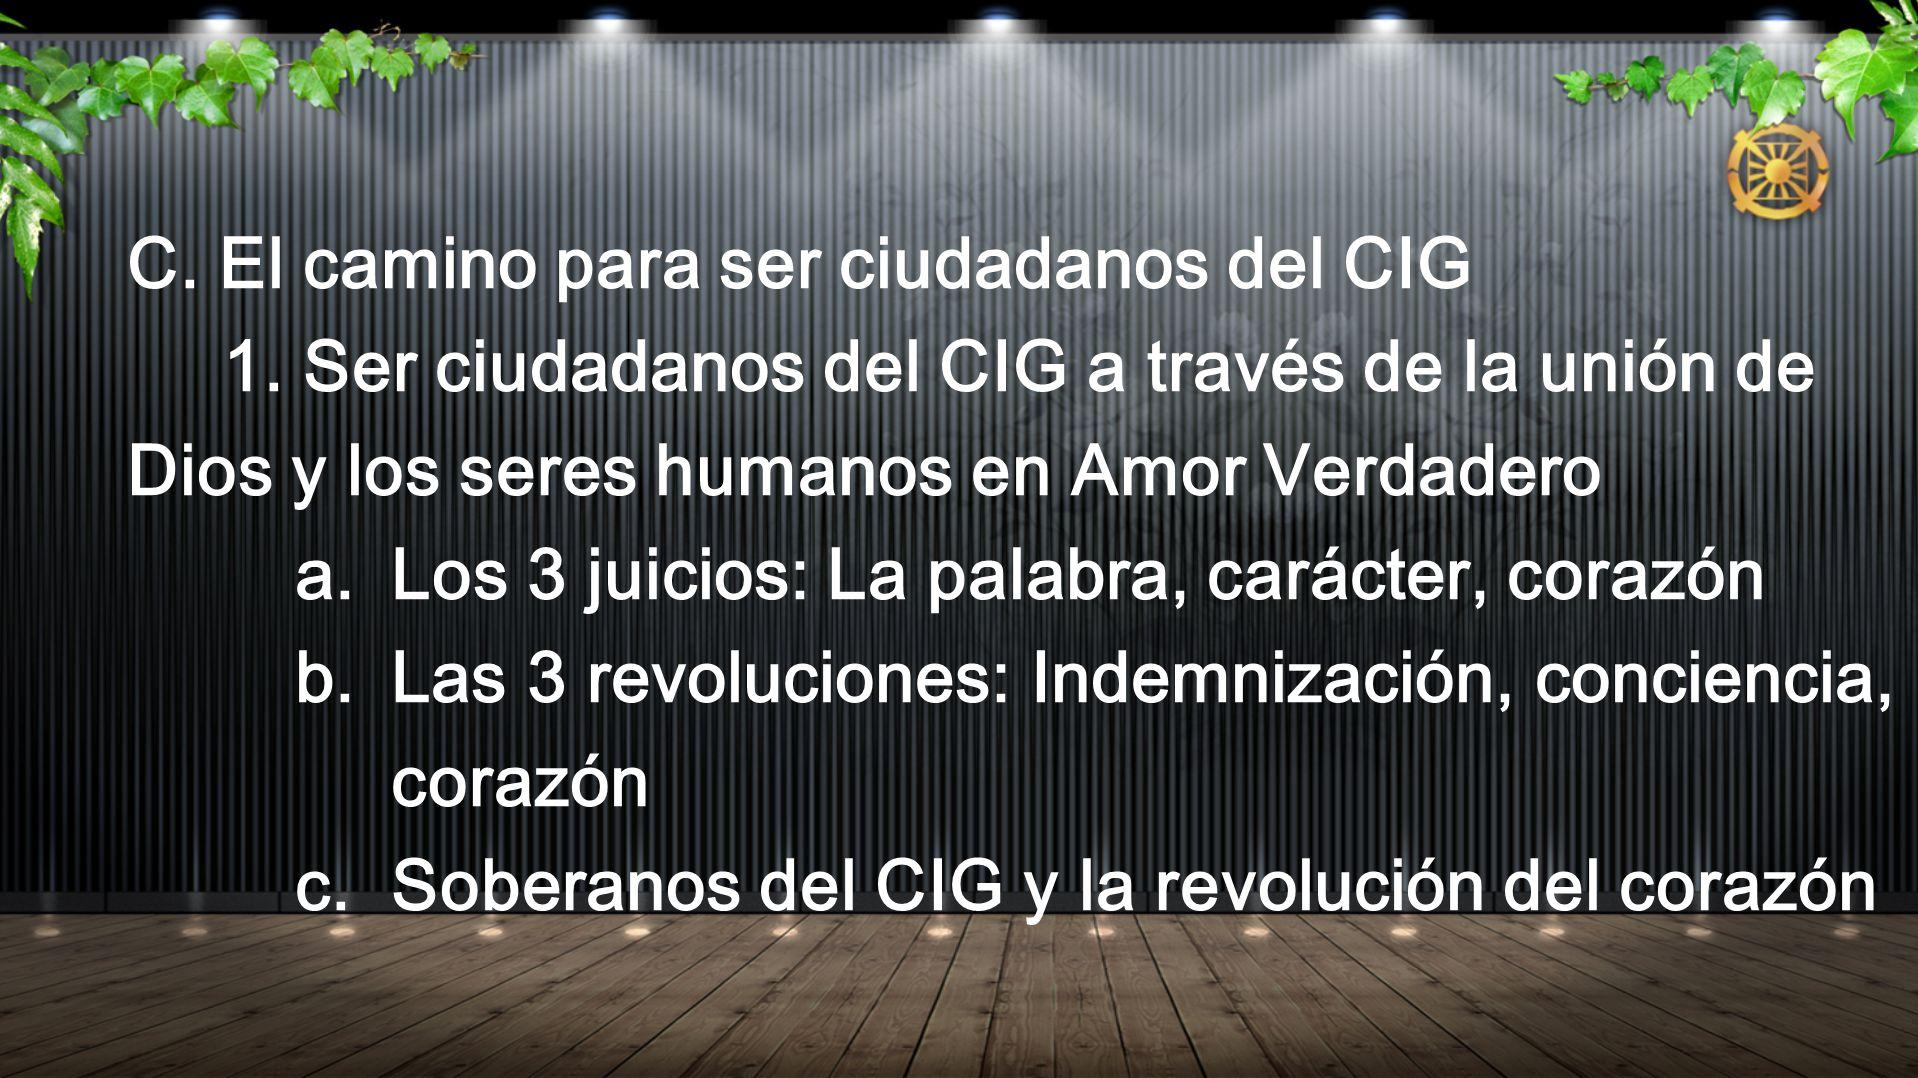 C. El camino para ser ciudadanos del CIG